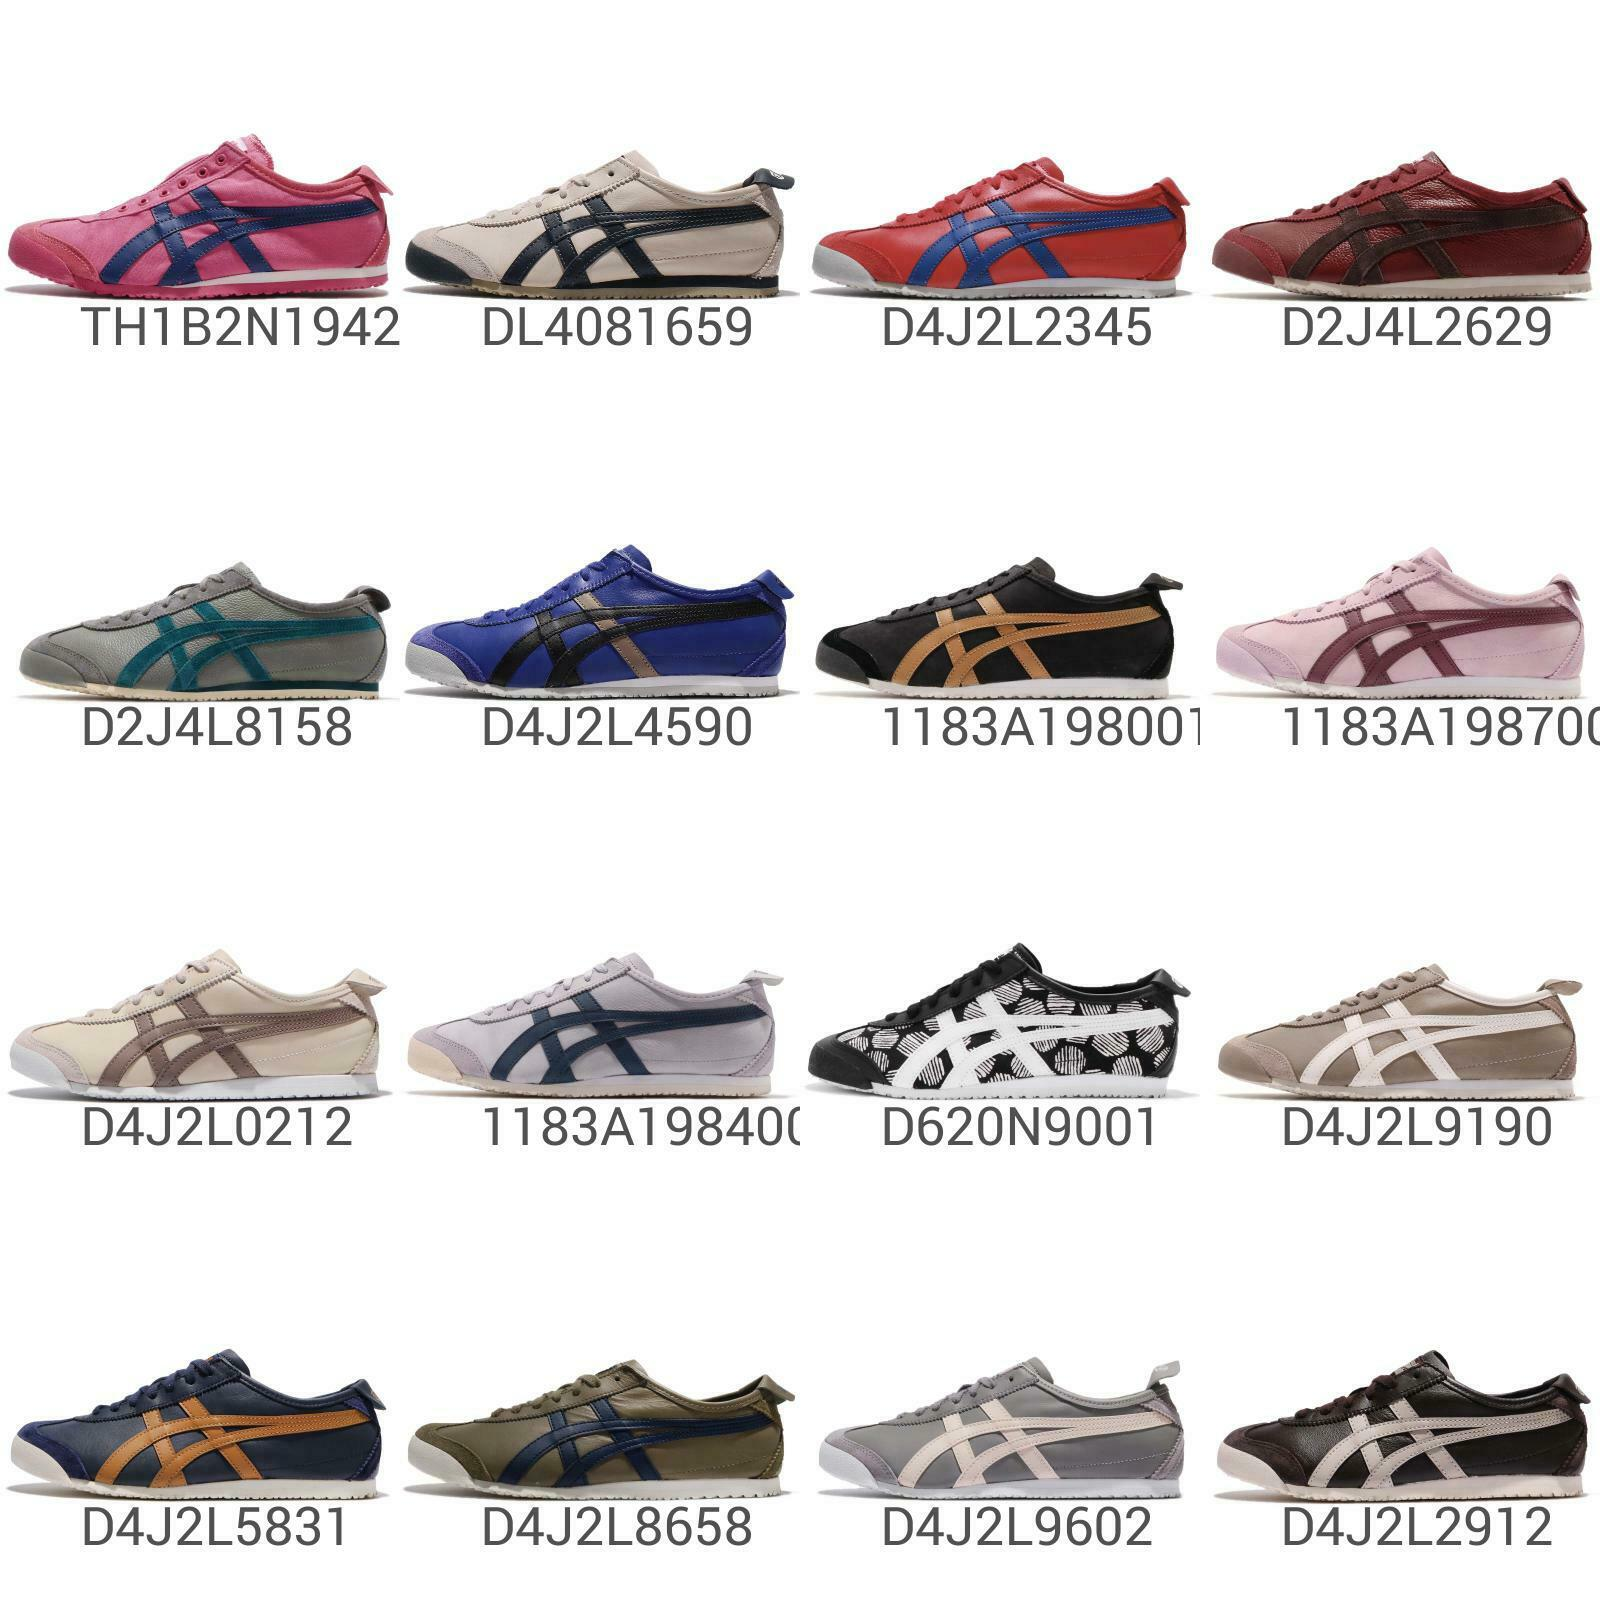 Asics Onitsuka Tiger Mexico 66 Mens mujer Vintage Running zapatos zapatillas Pick 1